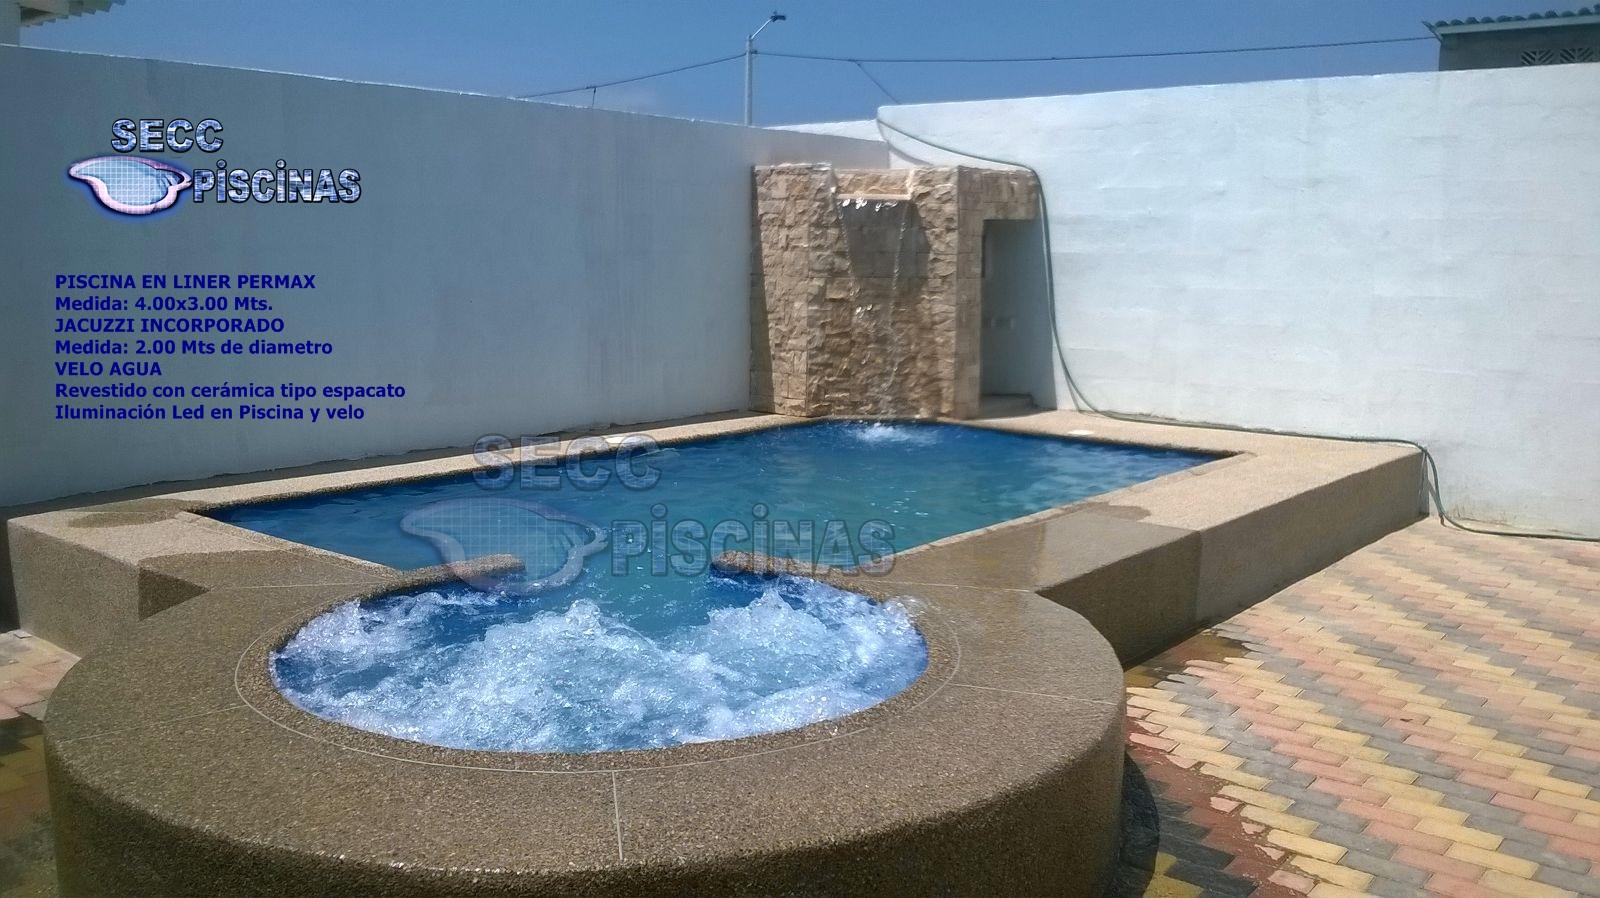 Secc piscinas piscinas con jacuzzi incorporado for Precio de piscinas de cemento